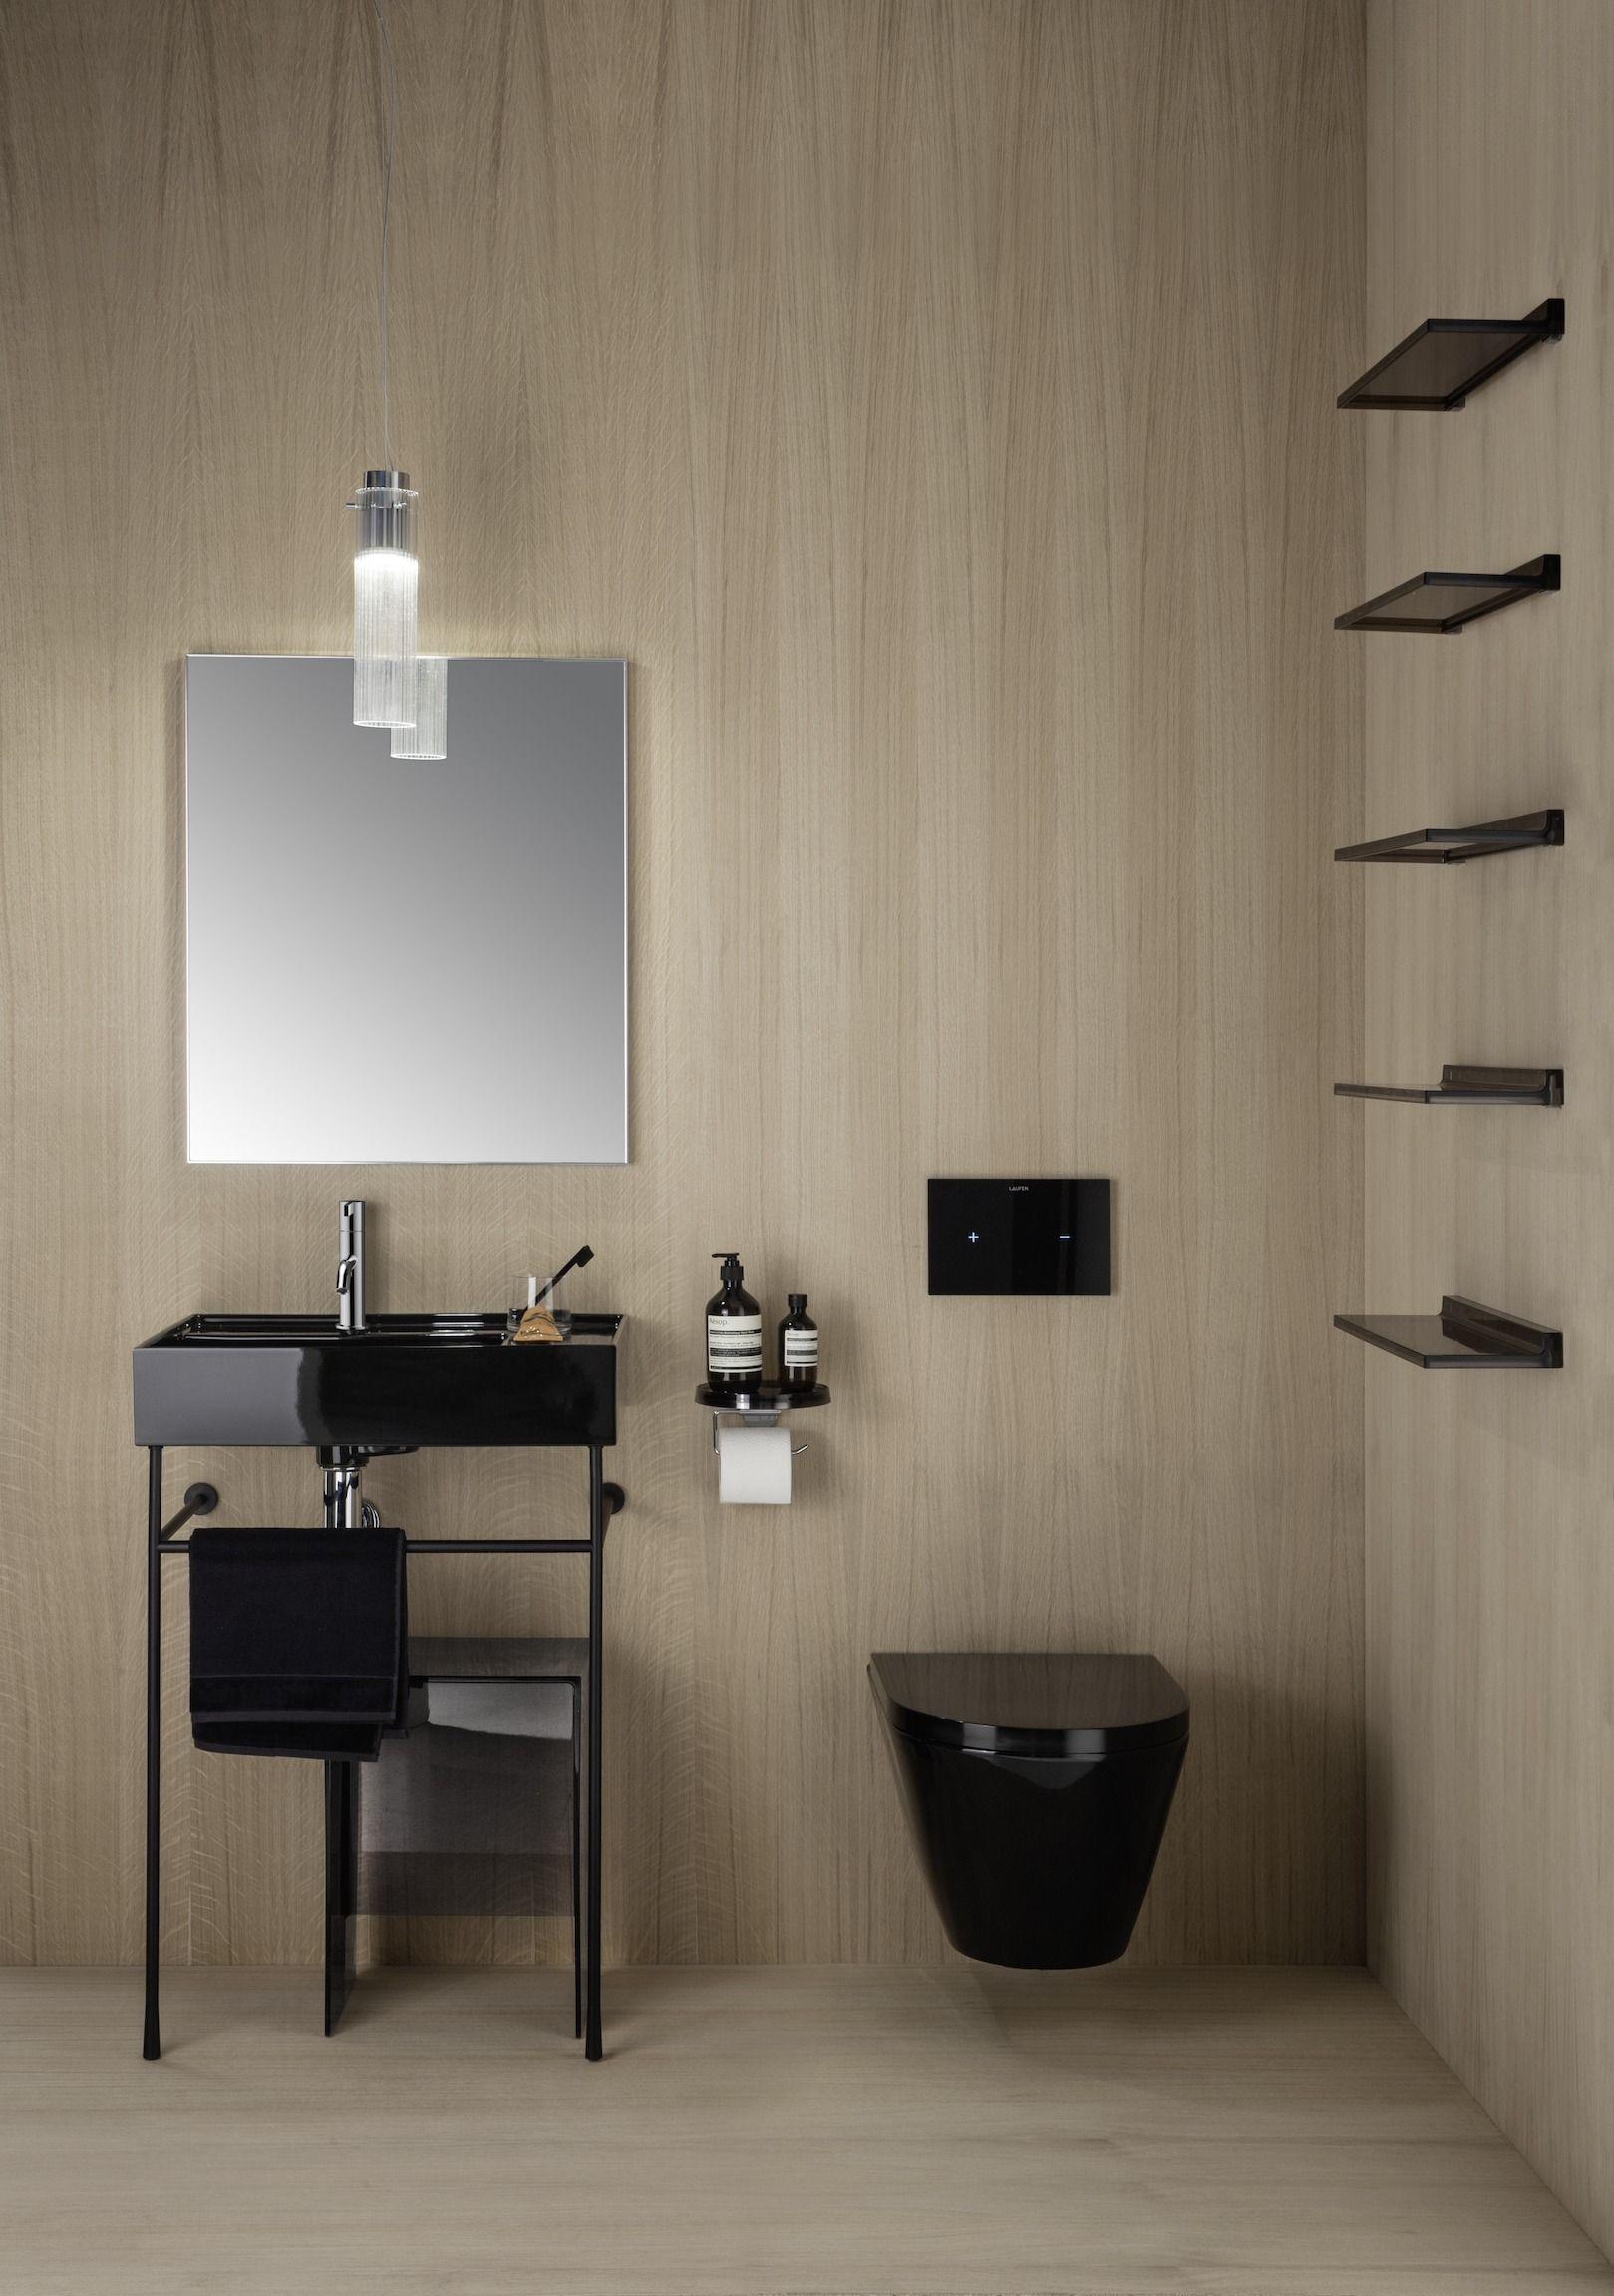 Kartell By Laufen Laufen Bathrooms Luxus Badezimmer Inneneinrichtung Badezimmer Inspiration